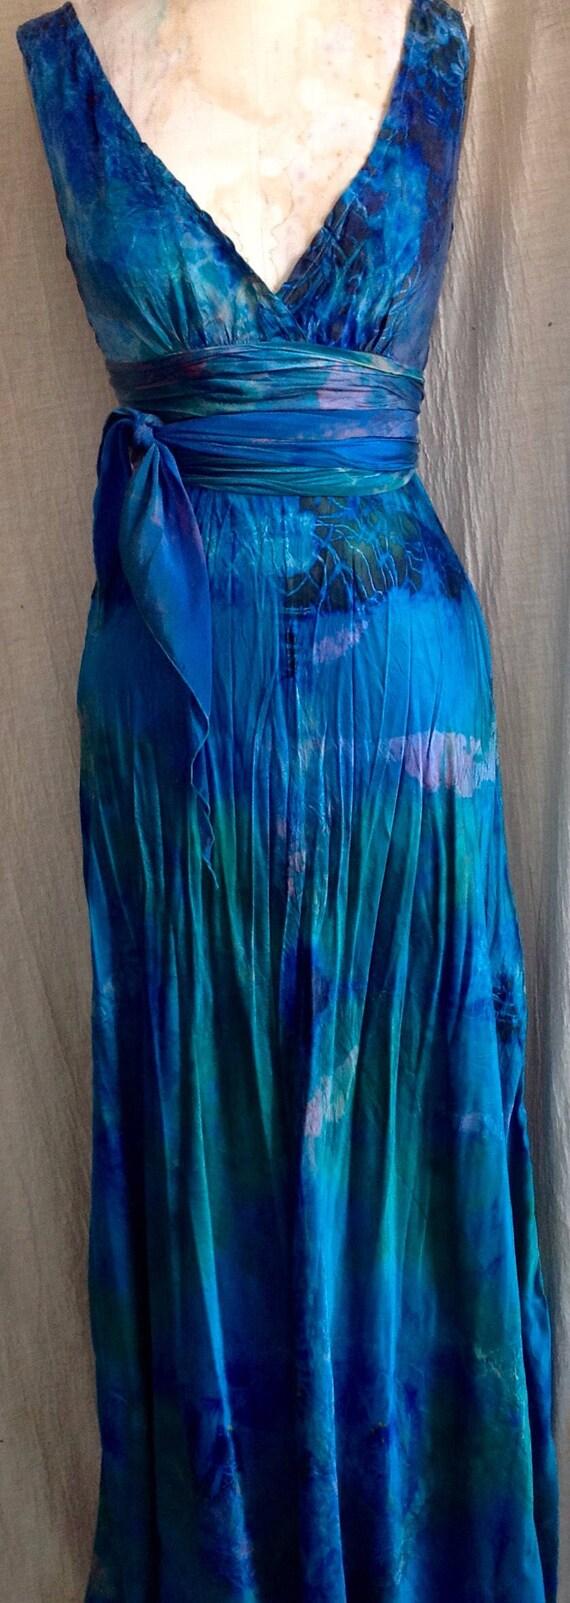 Ozean Blau grün Seide Hochzeit Kleid Boho schicke Mutter von